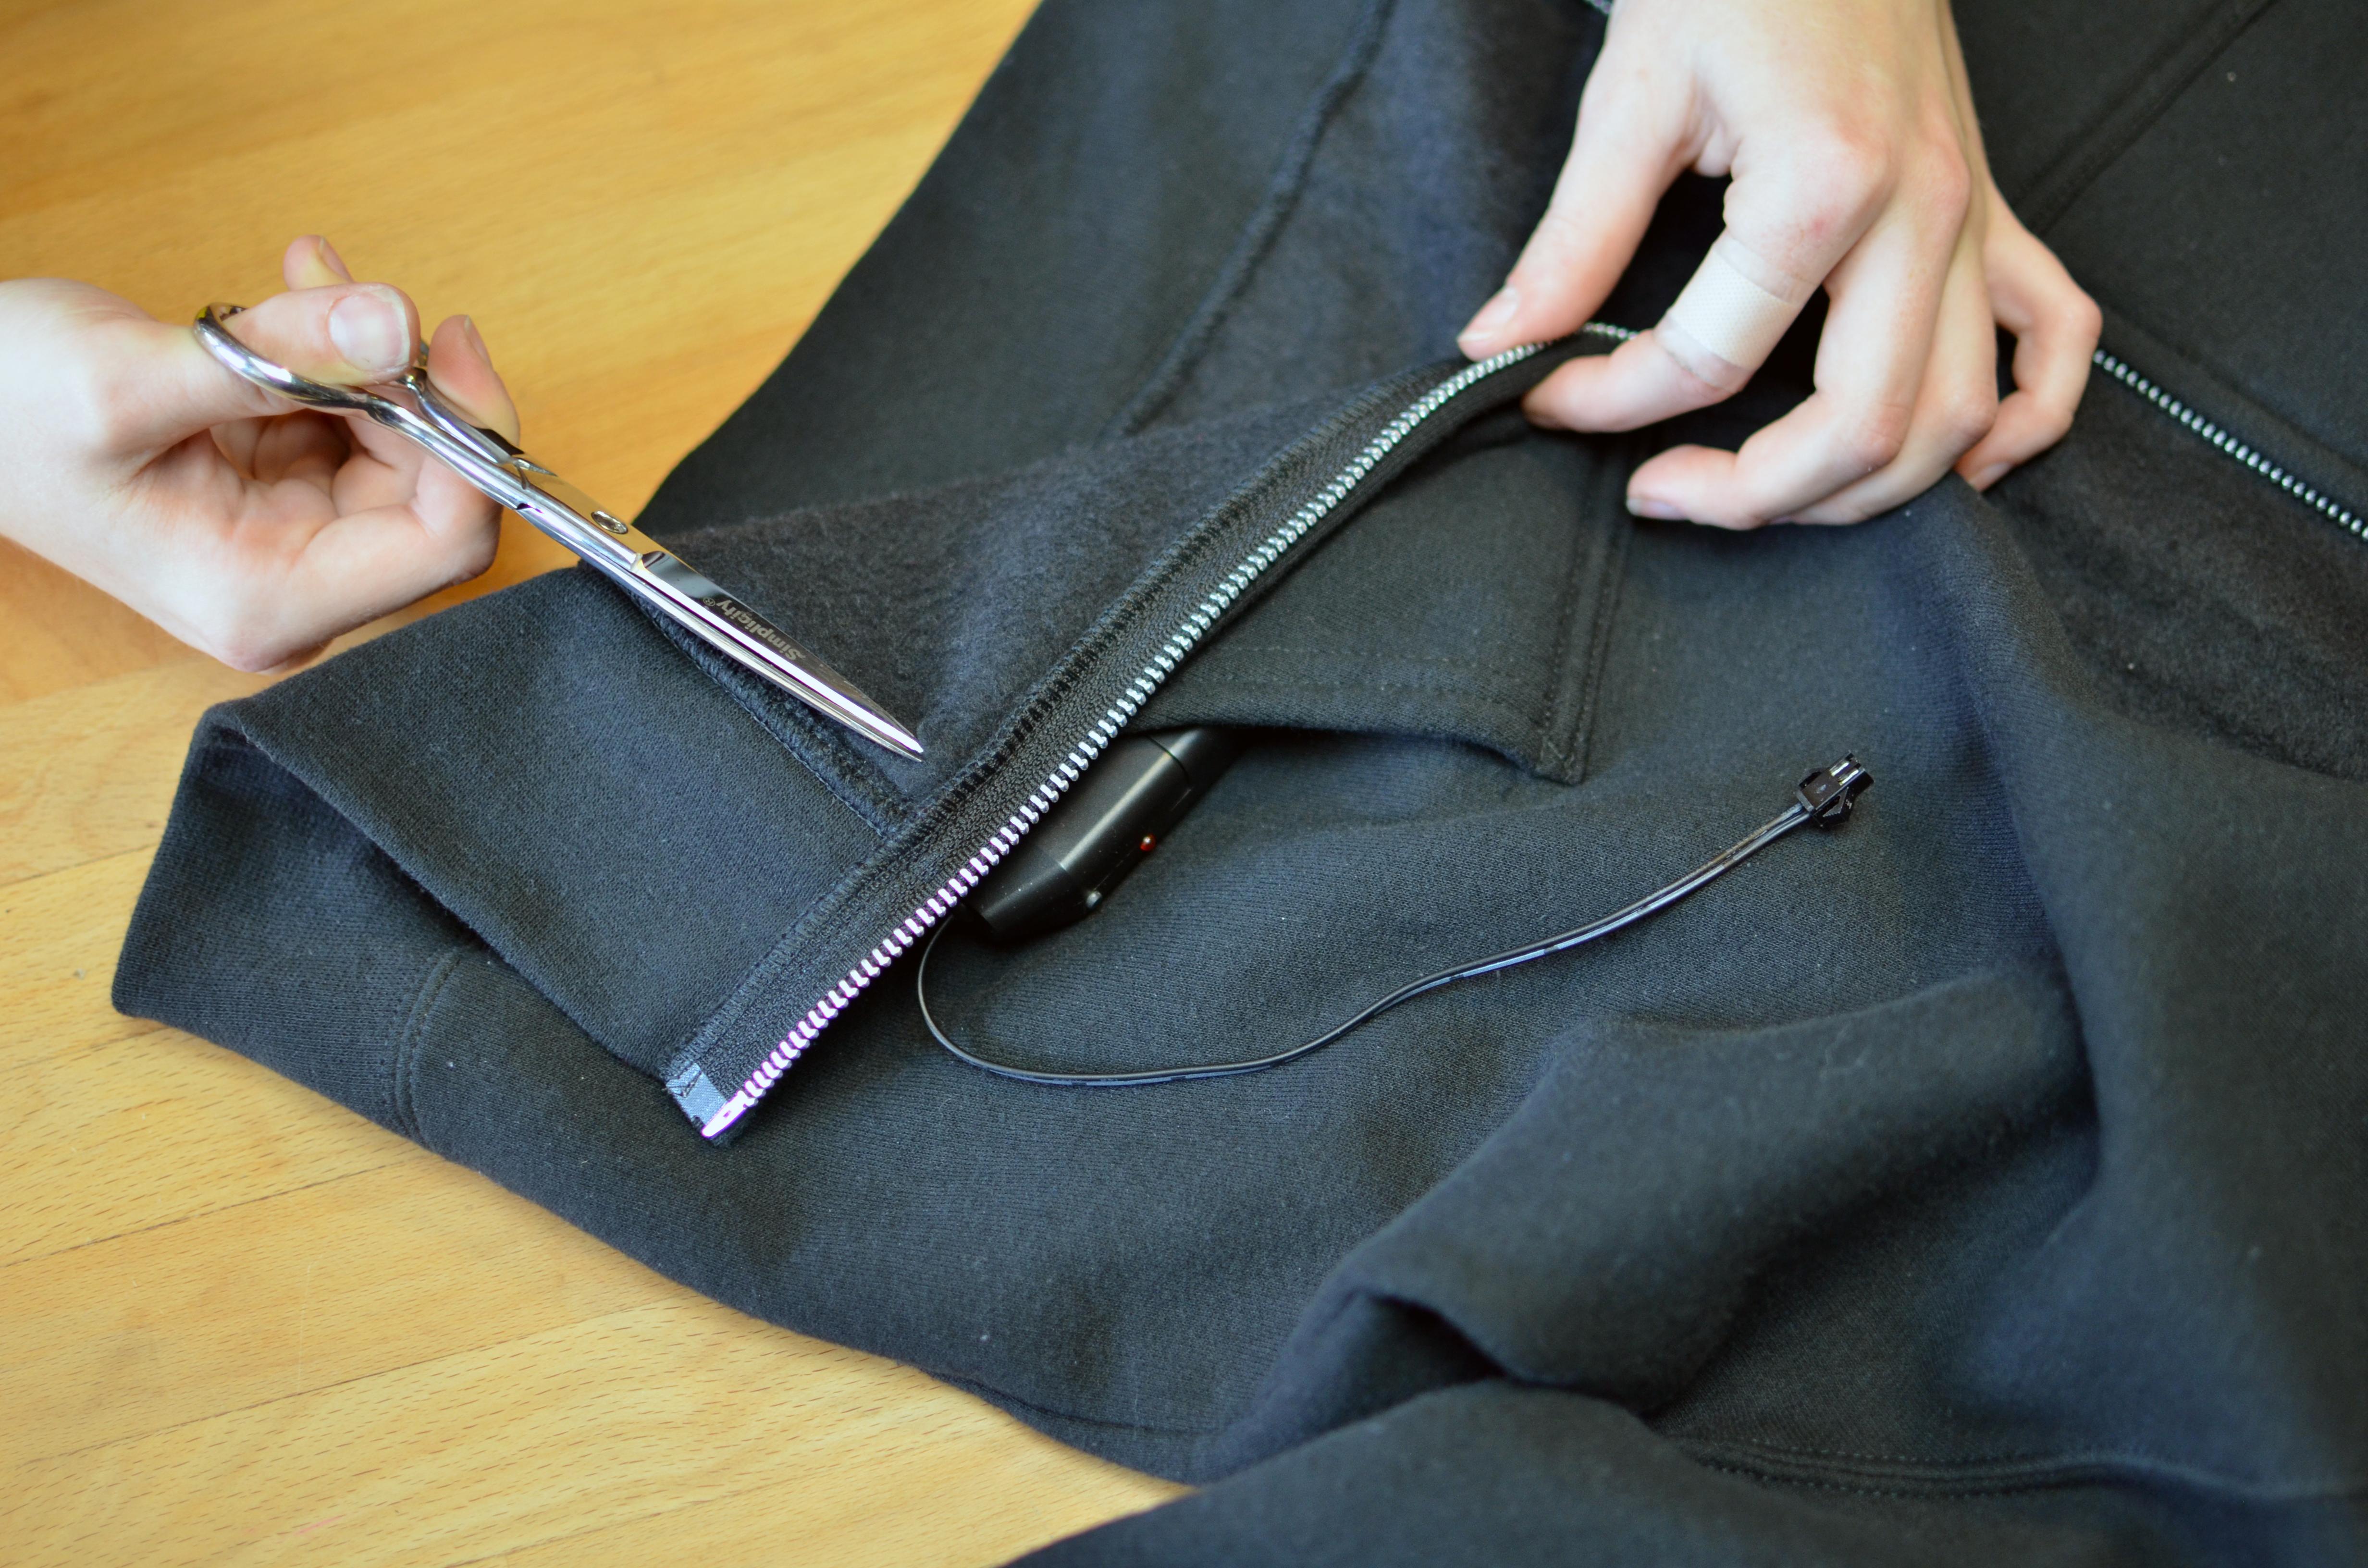 el_wire_tape_panel_el-tron-hoodie-adafruit-03.jpg